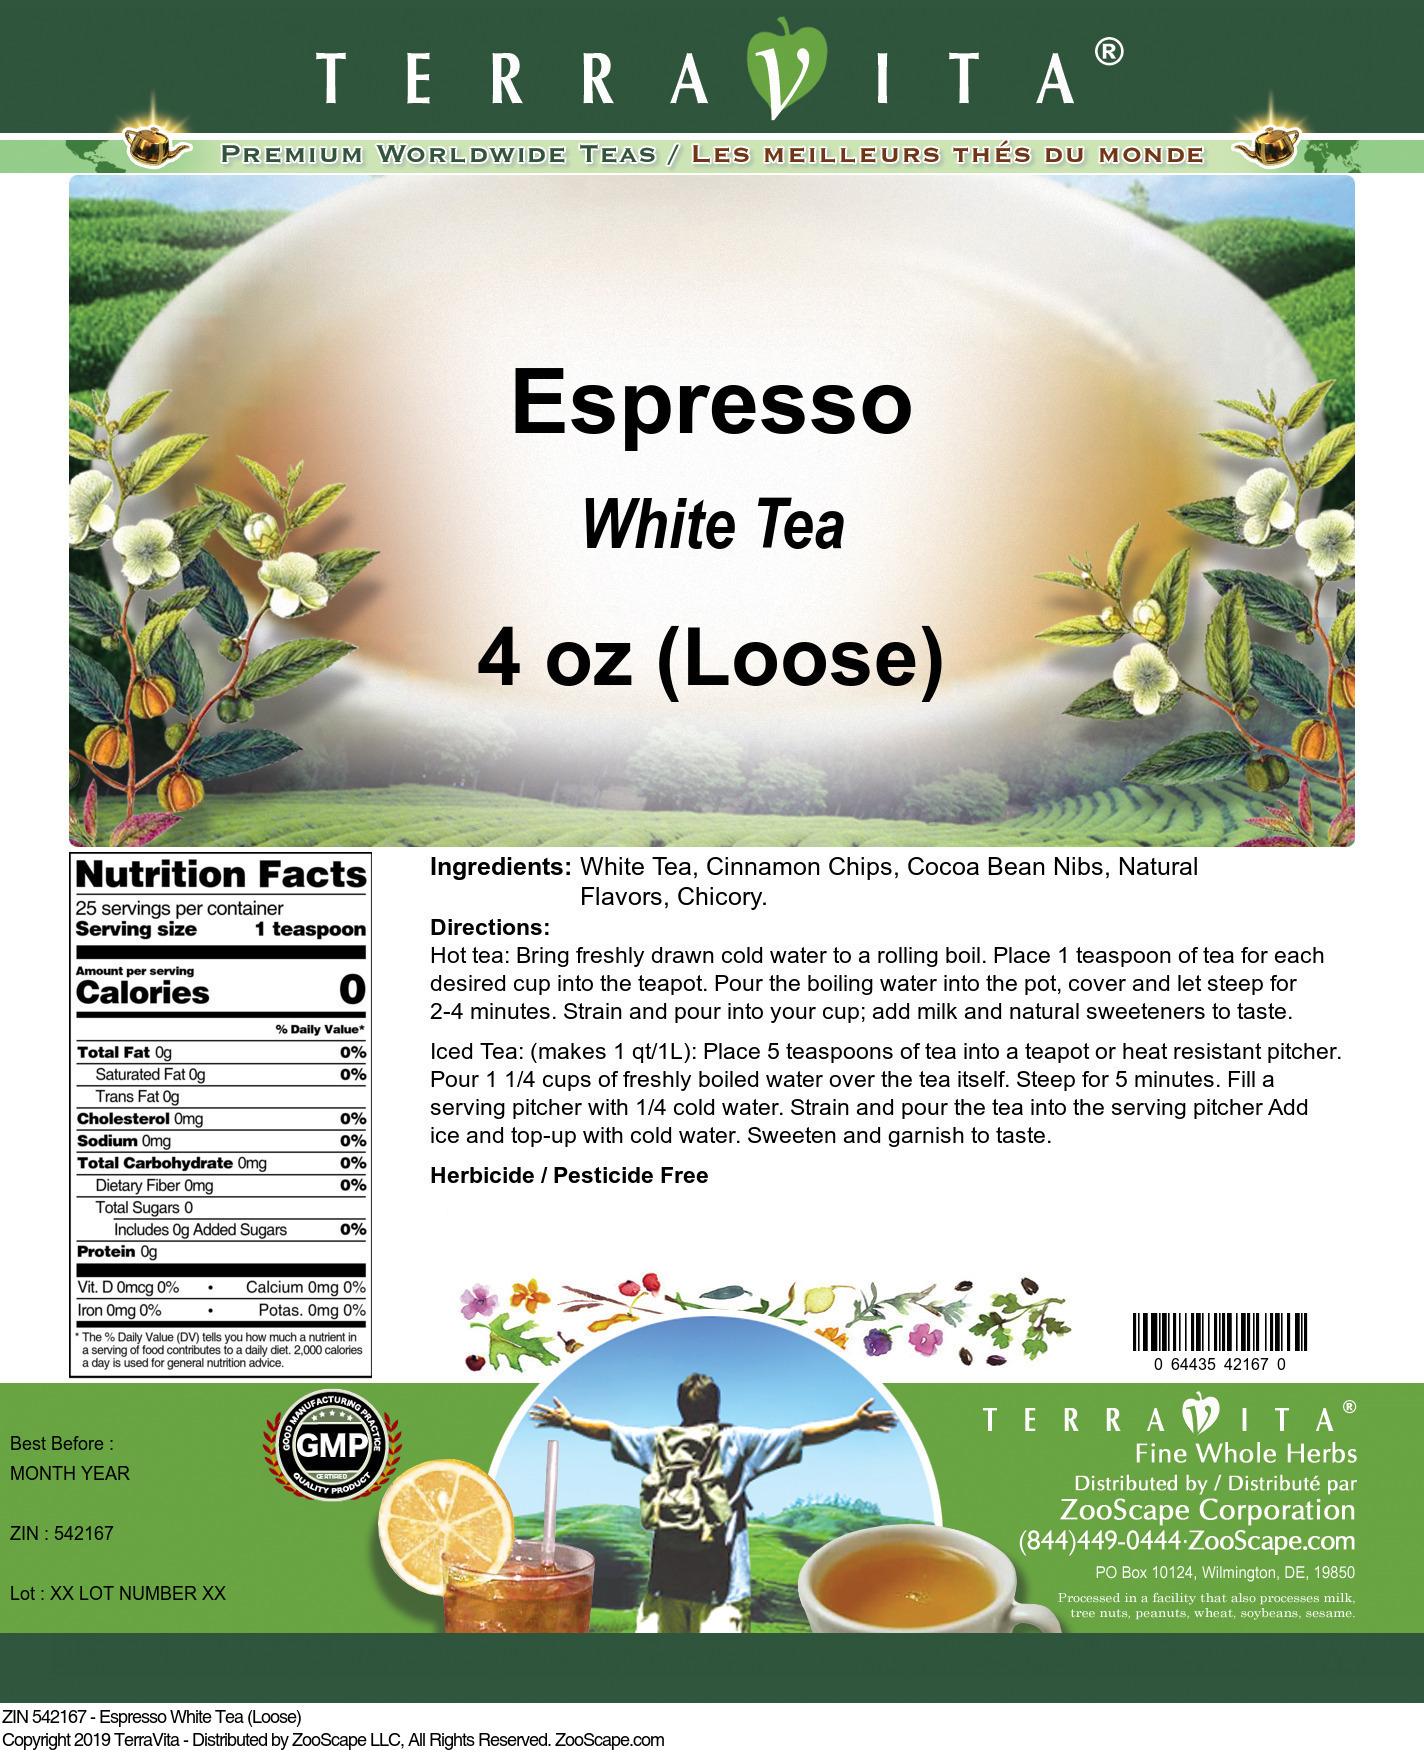 Espresso White Tea (Loose)